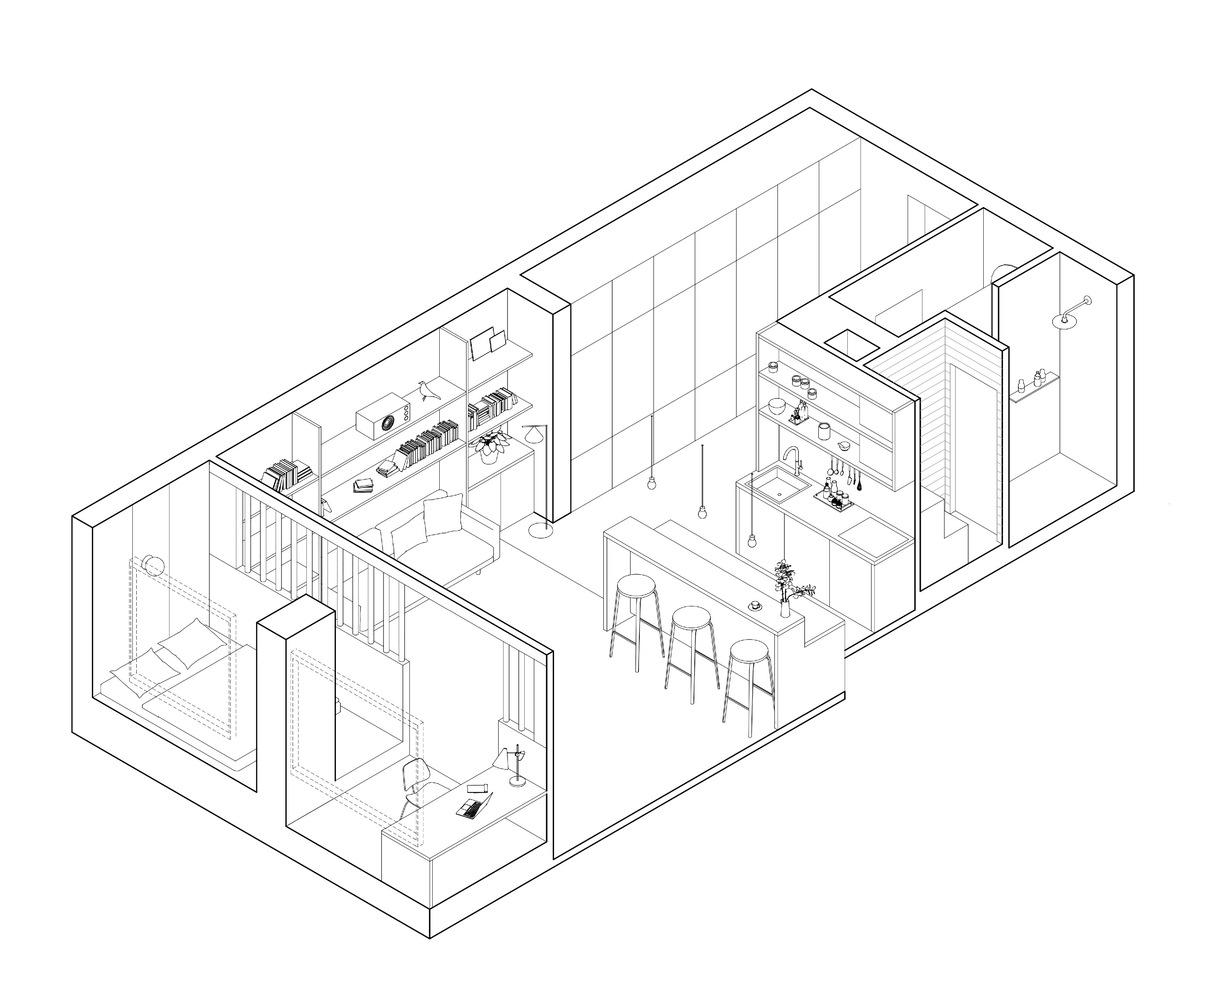 Phối cảnh thiết kế nội thất căn hộ nhỏ